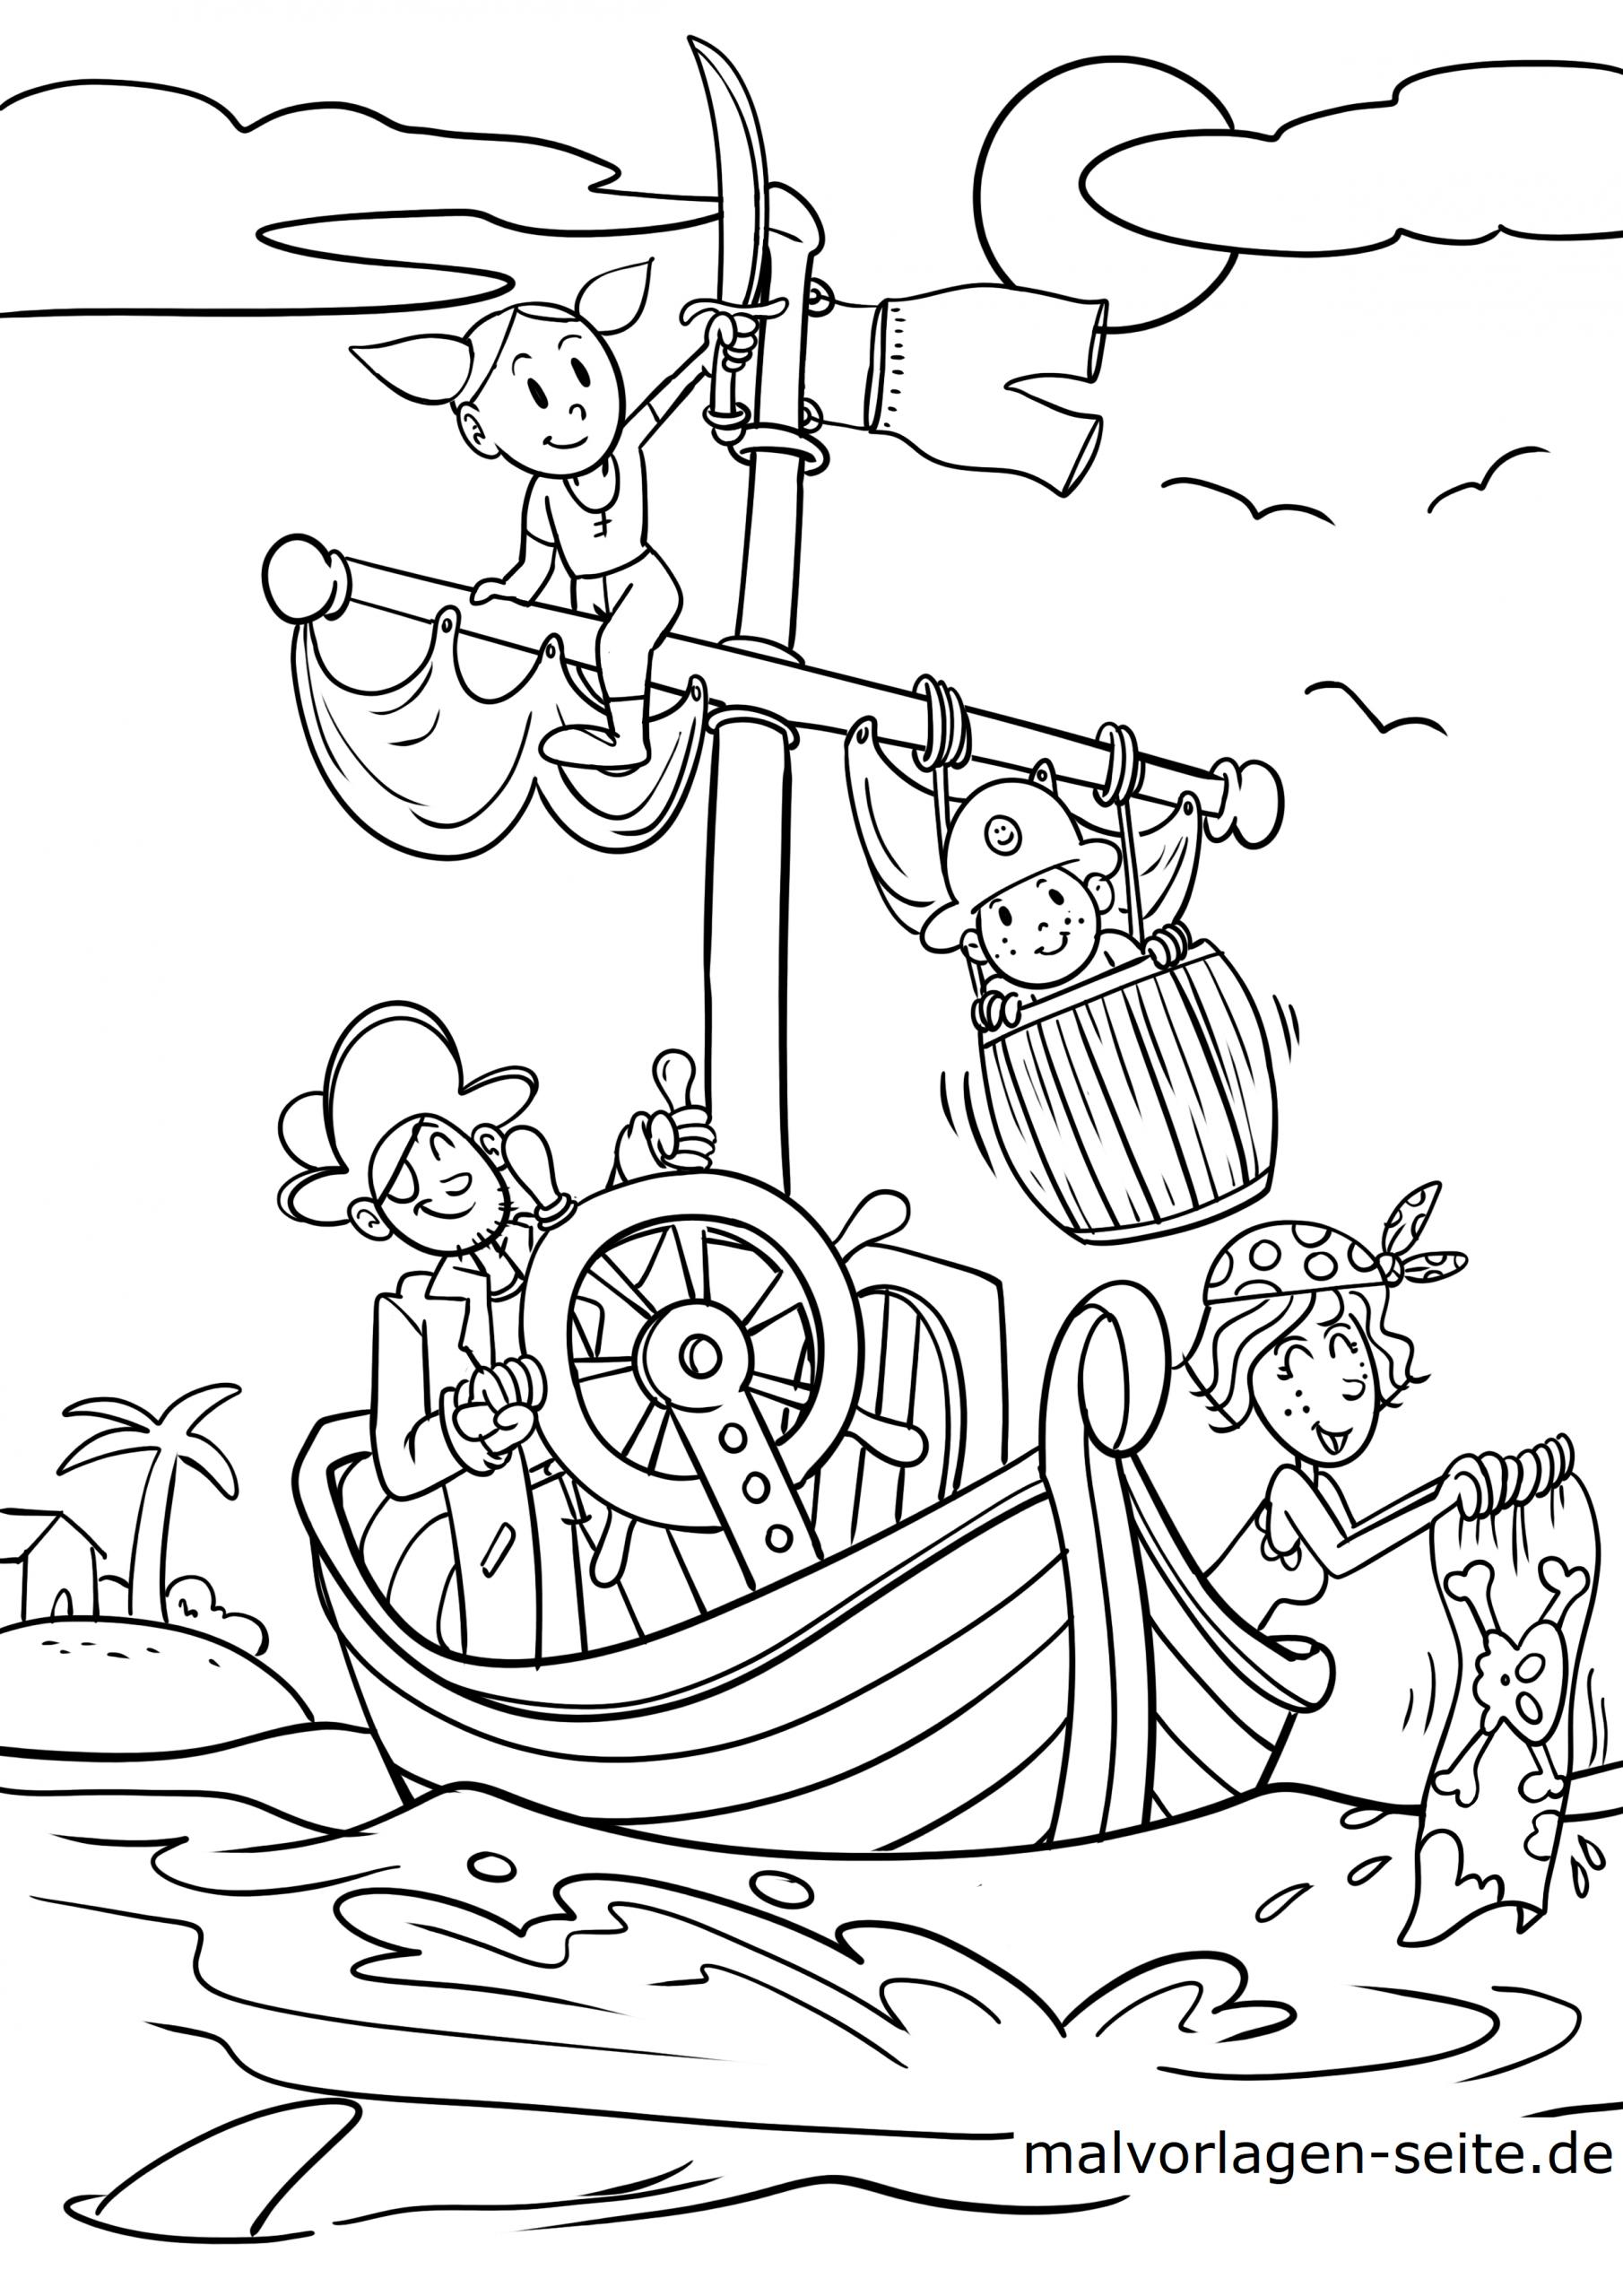 Malvorlage Pirat - Ausmalbilder Kostenlos Herunterladen über Malvorlagen Piraten